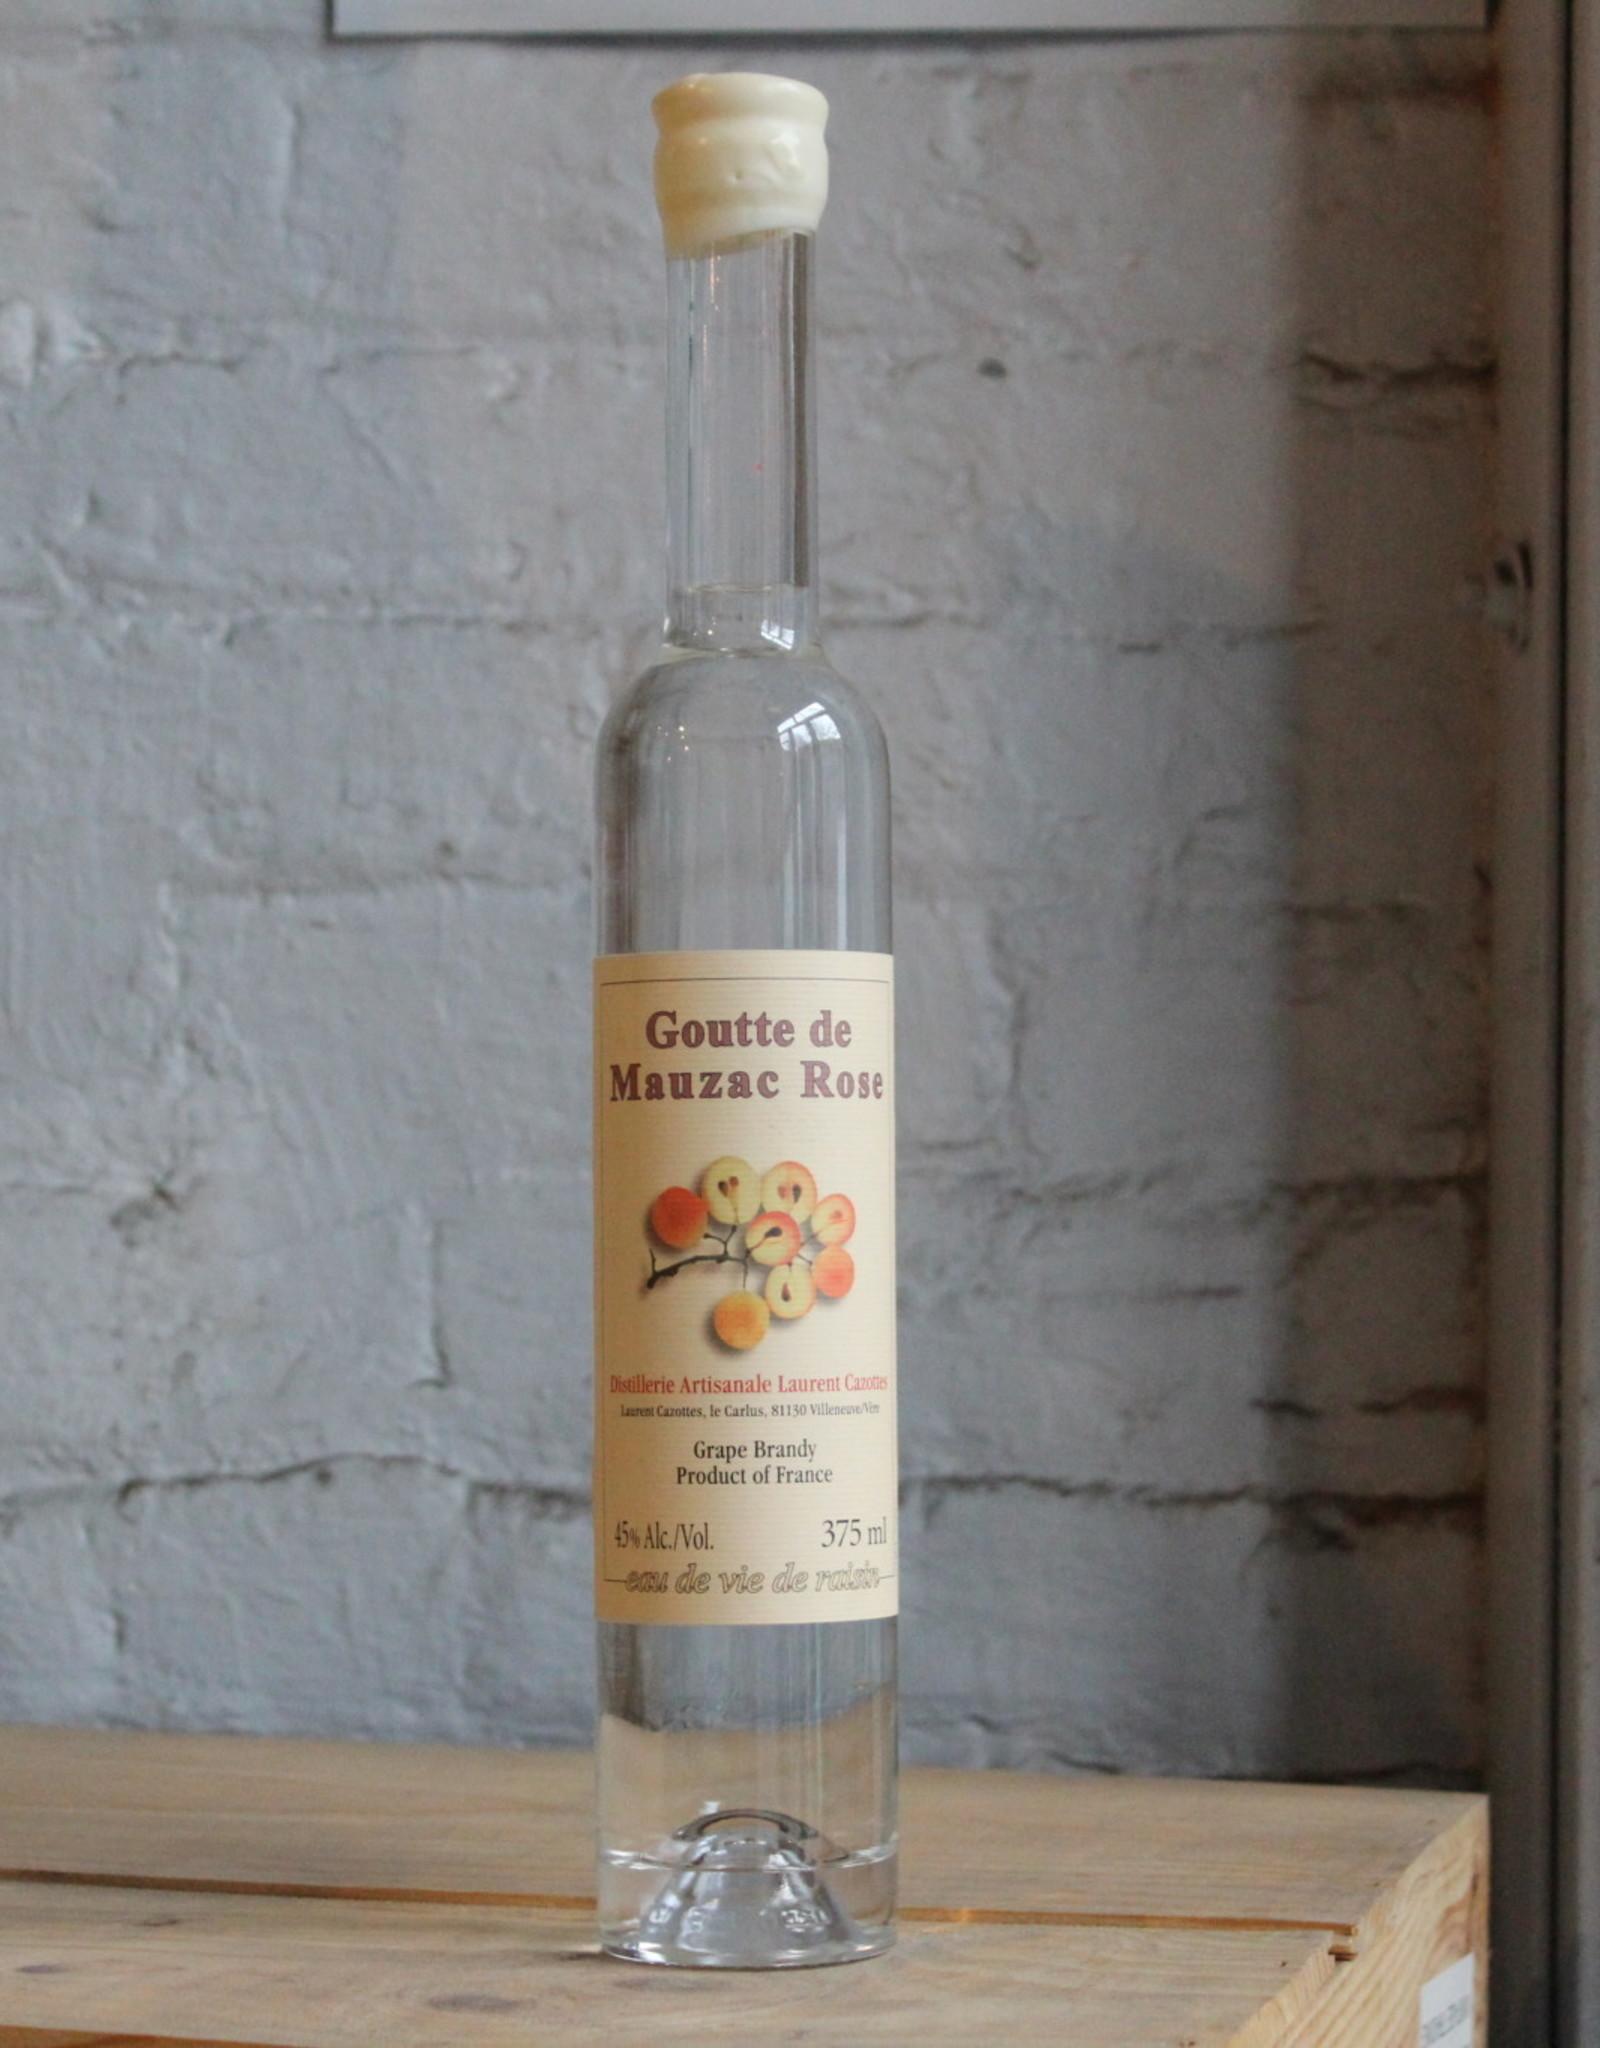 Distillerie Cazottes Goutte de Mauzac Rose Brandy - France (375ml)